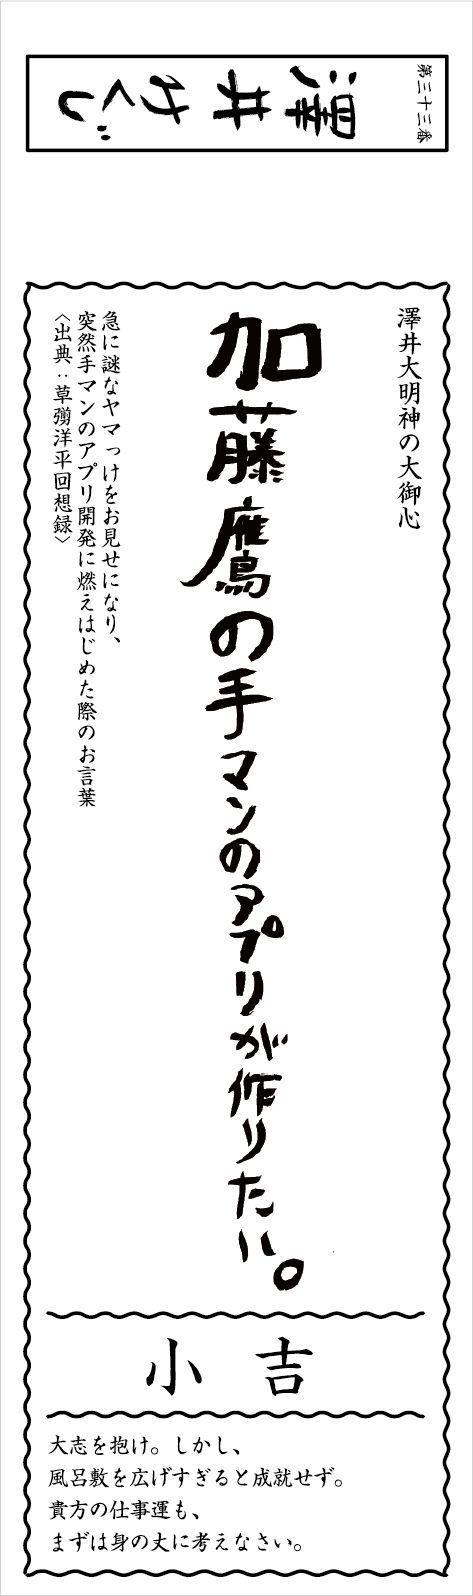 加藤鷹の画像 p1_22